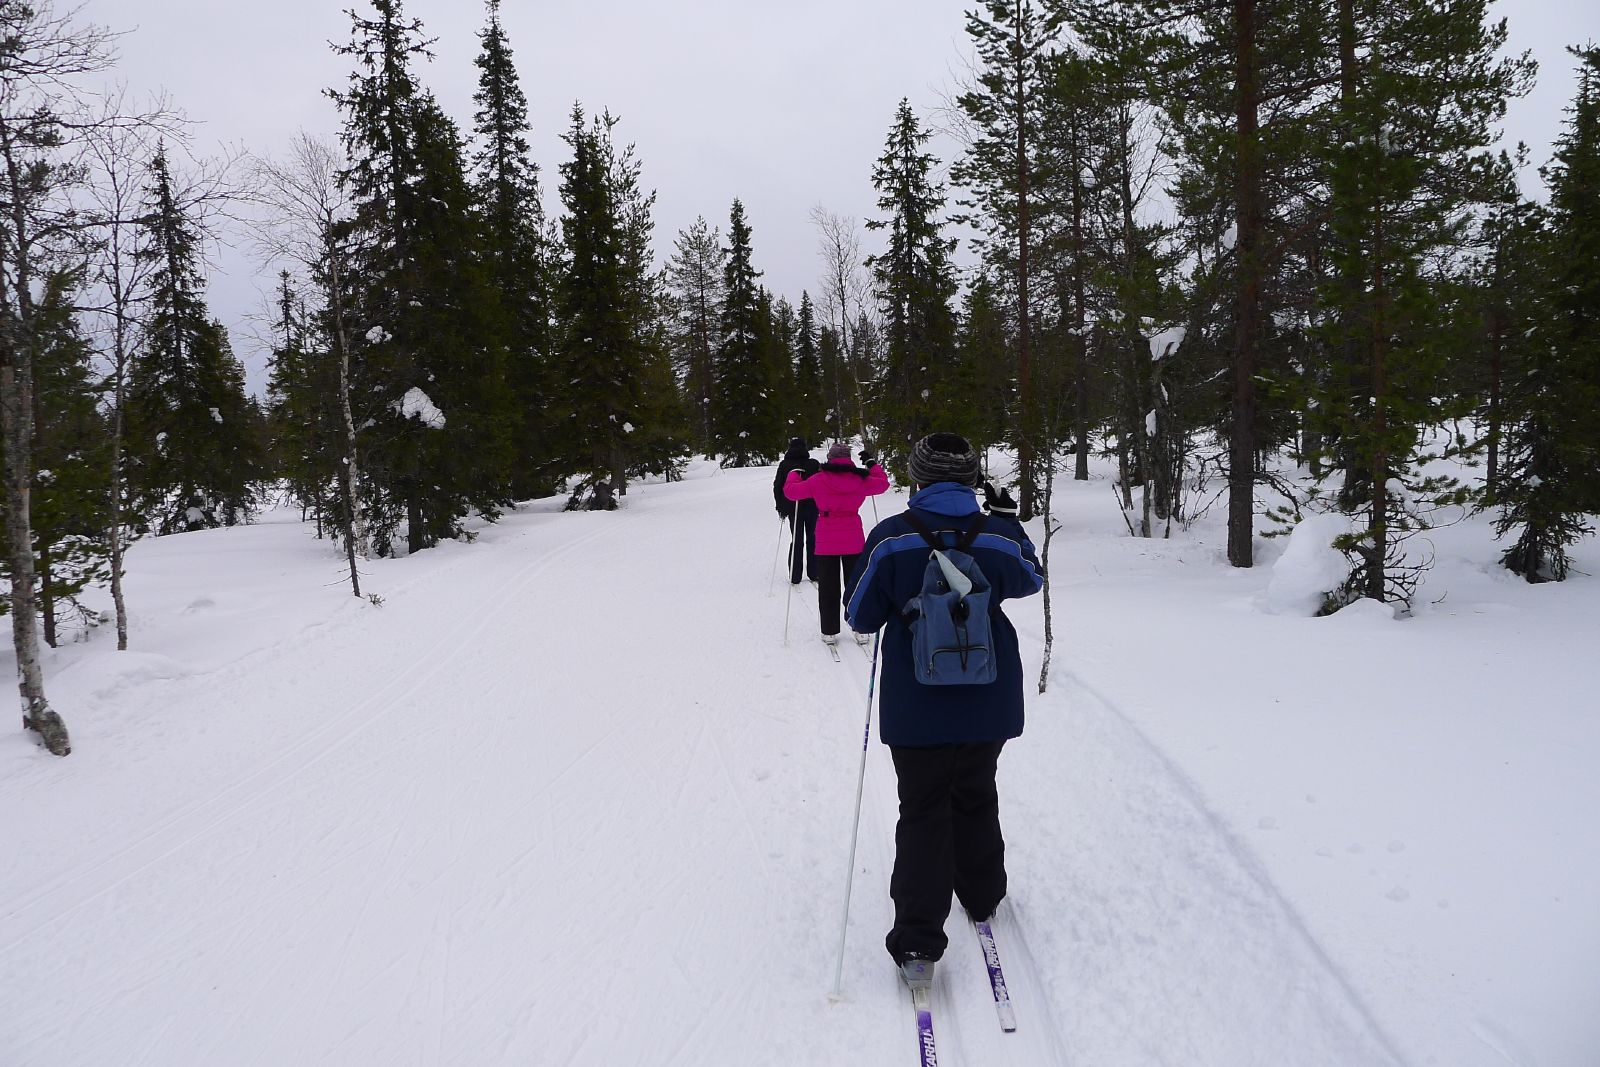 Venez vous initier au ski de fond grâce à la SKI-MOBILE!